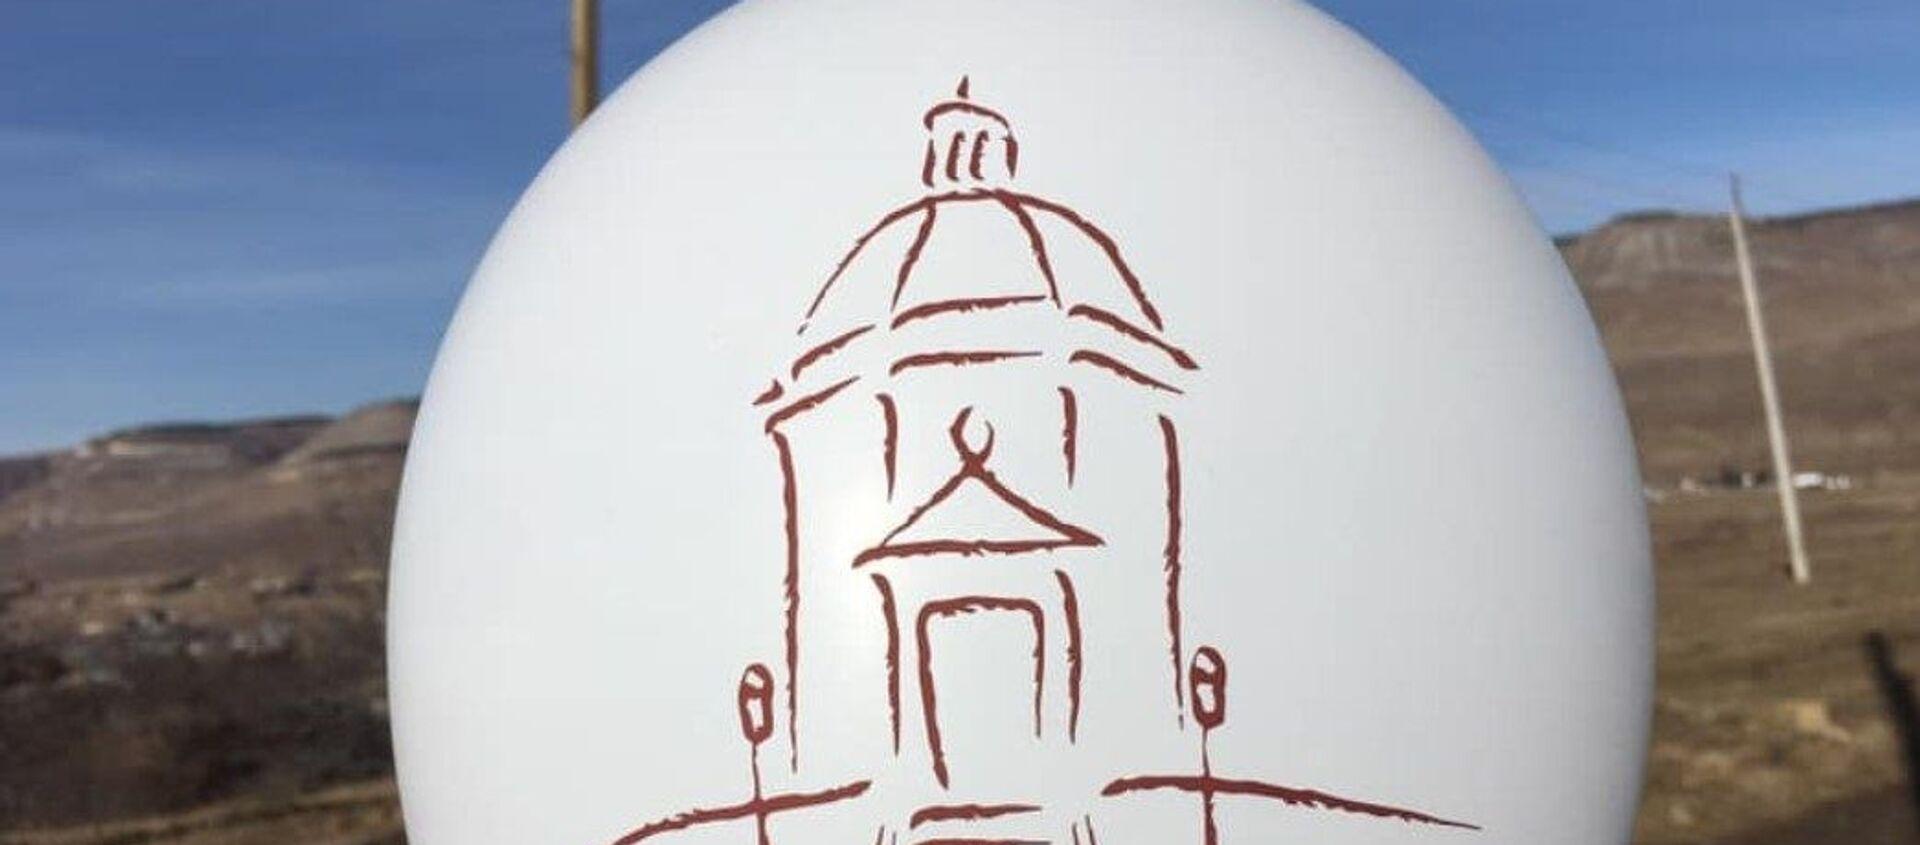 Το μπαλόνι της Σοφίας από την Αυστρία, το οποίο έφτασε στη Ρωσία - Sputnik Ελλάδα, 1920, 03.01.2020